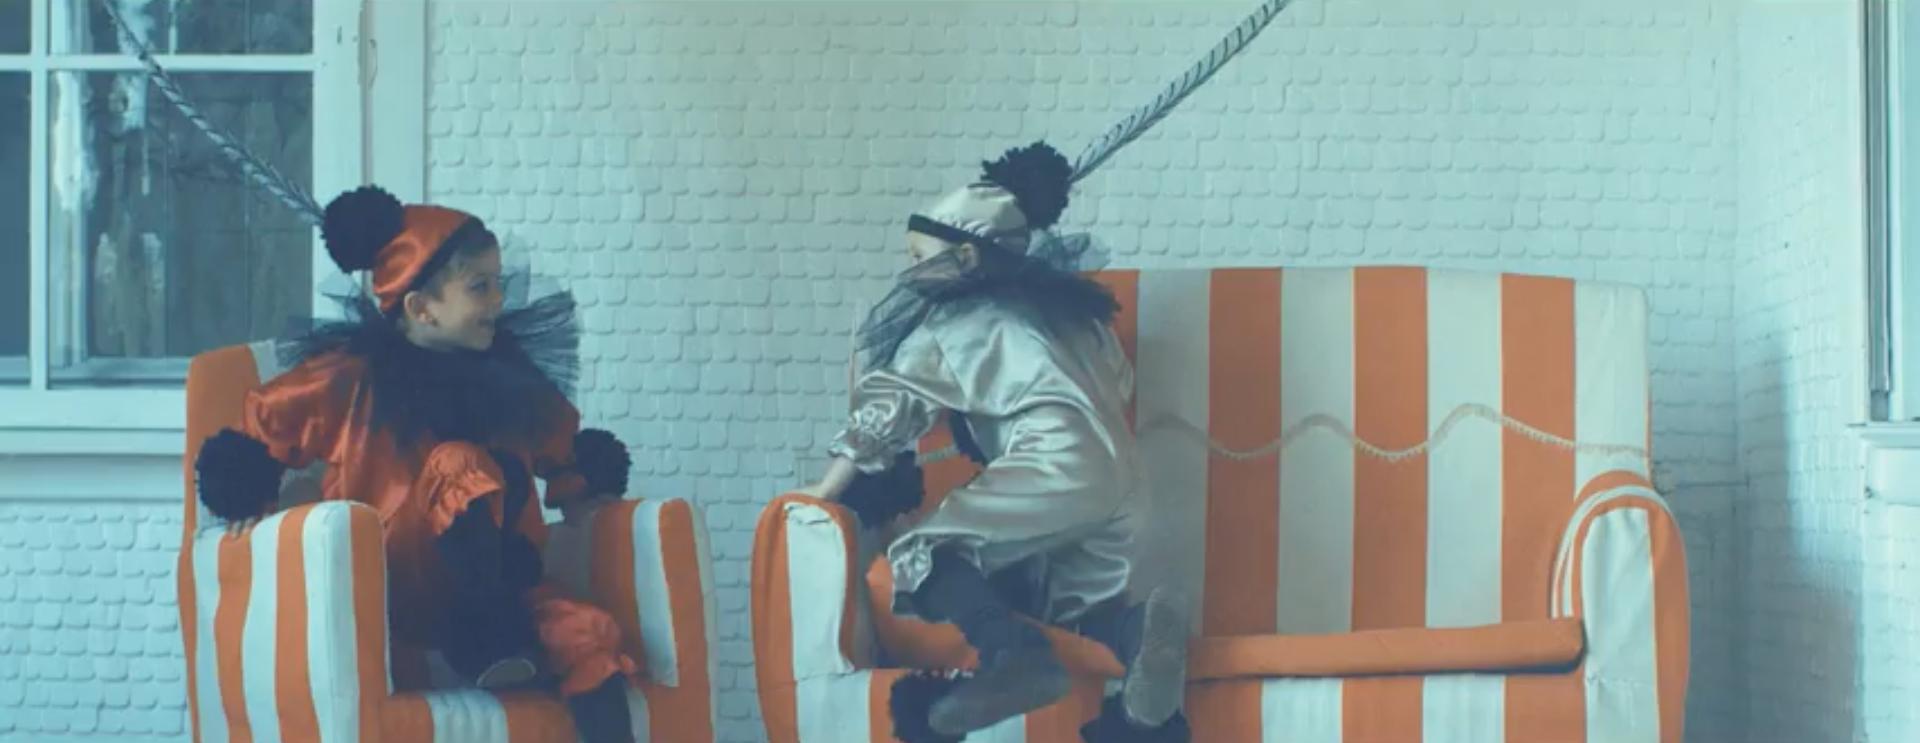 Video of the Week: FJØRT – Couleur